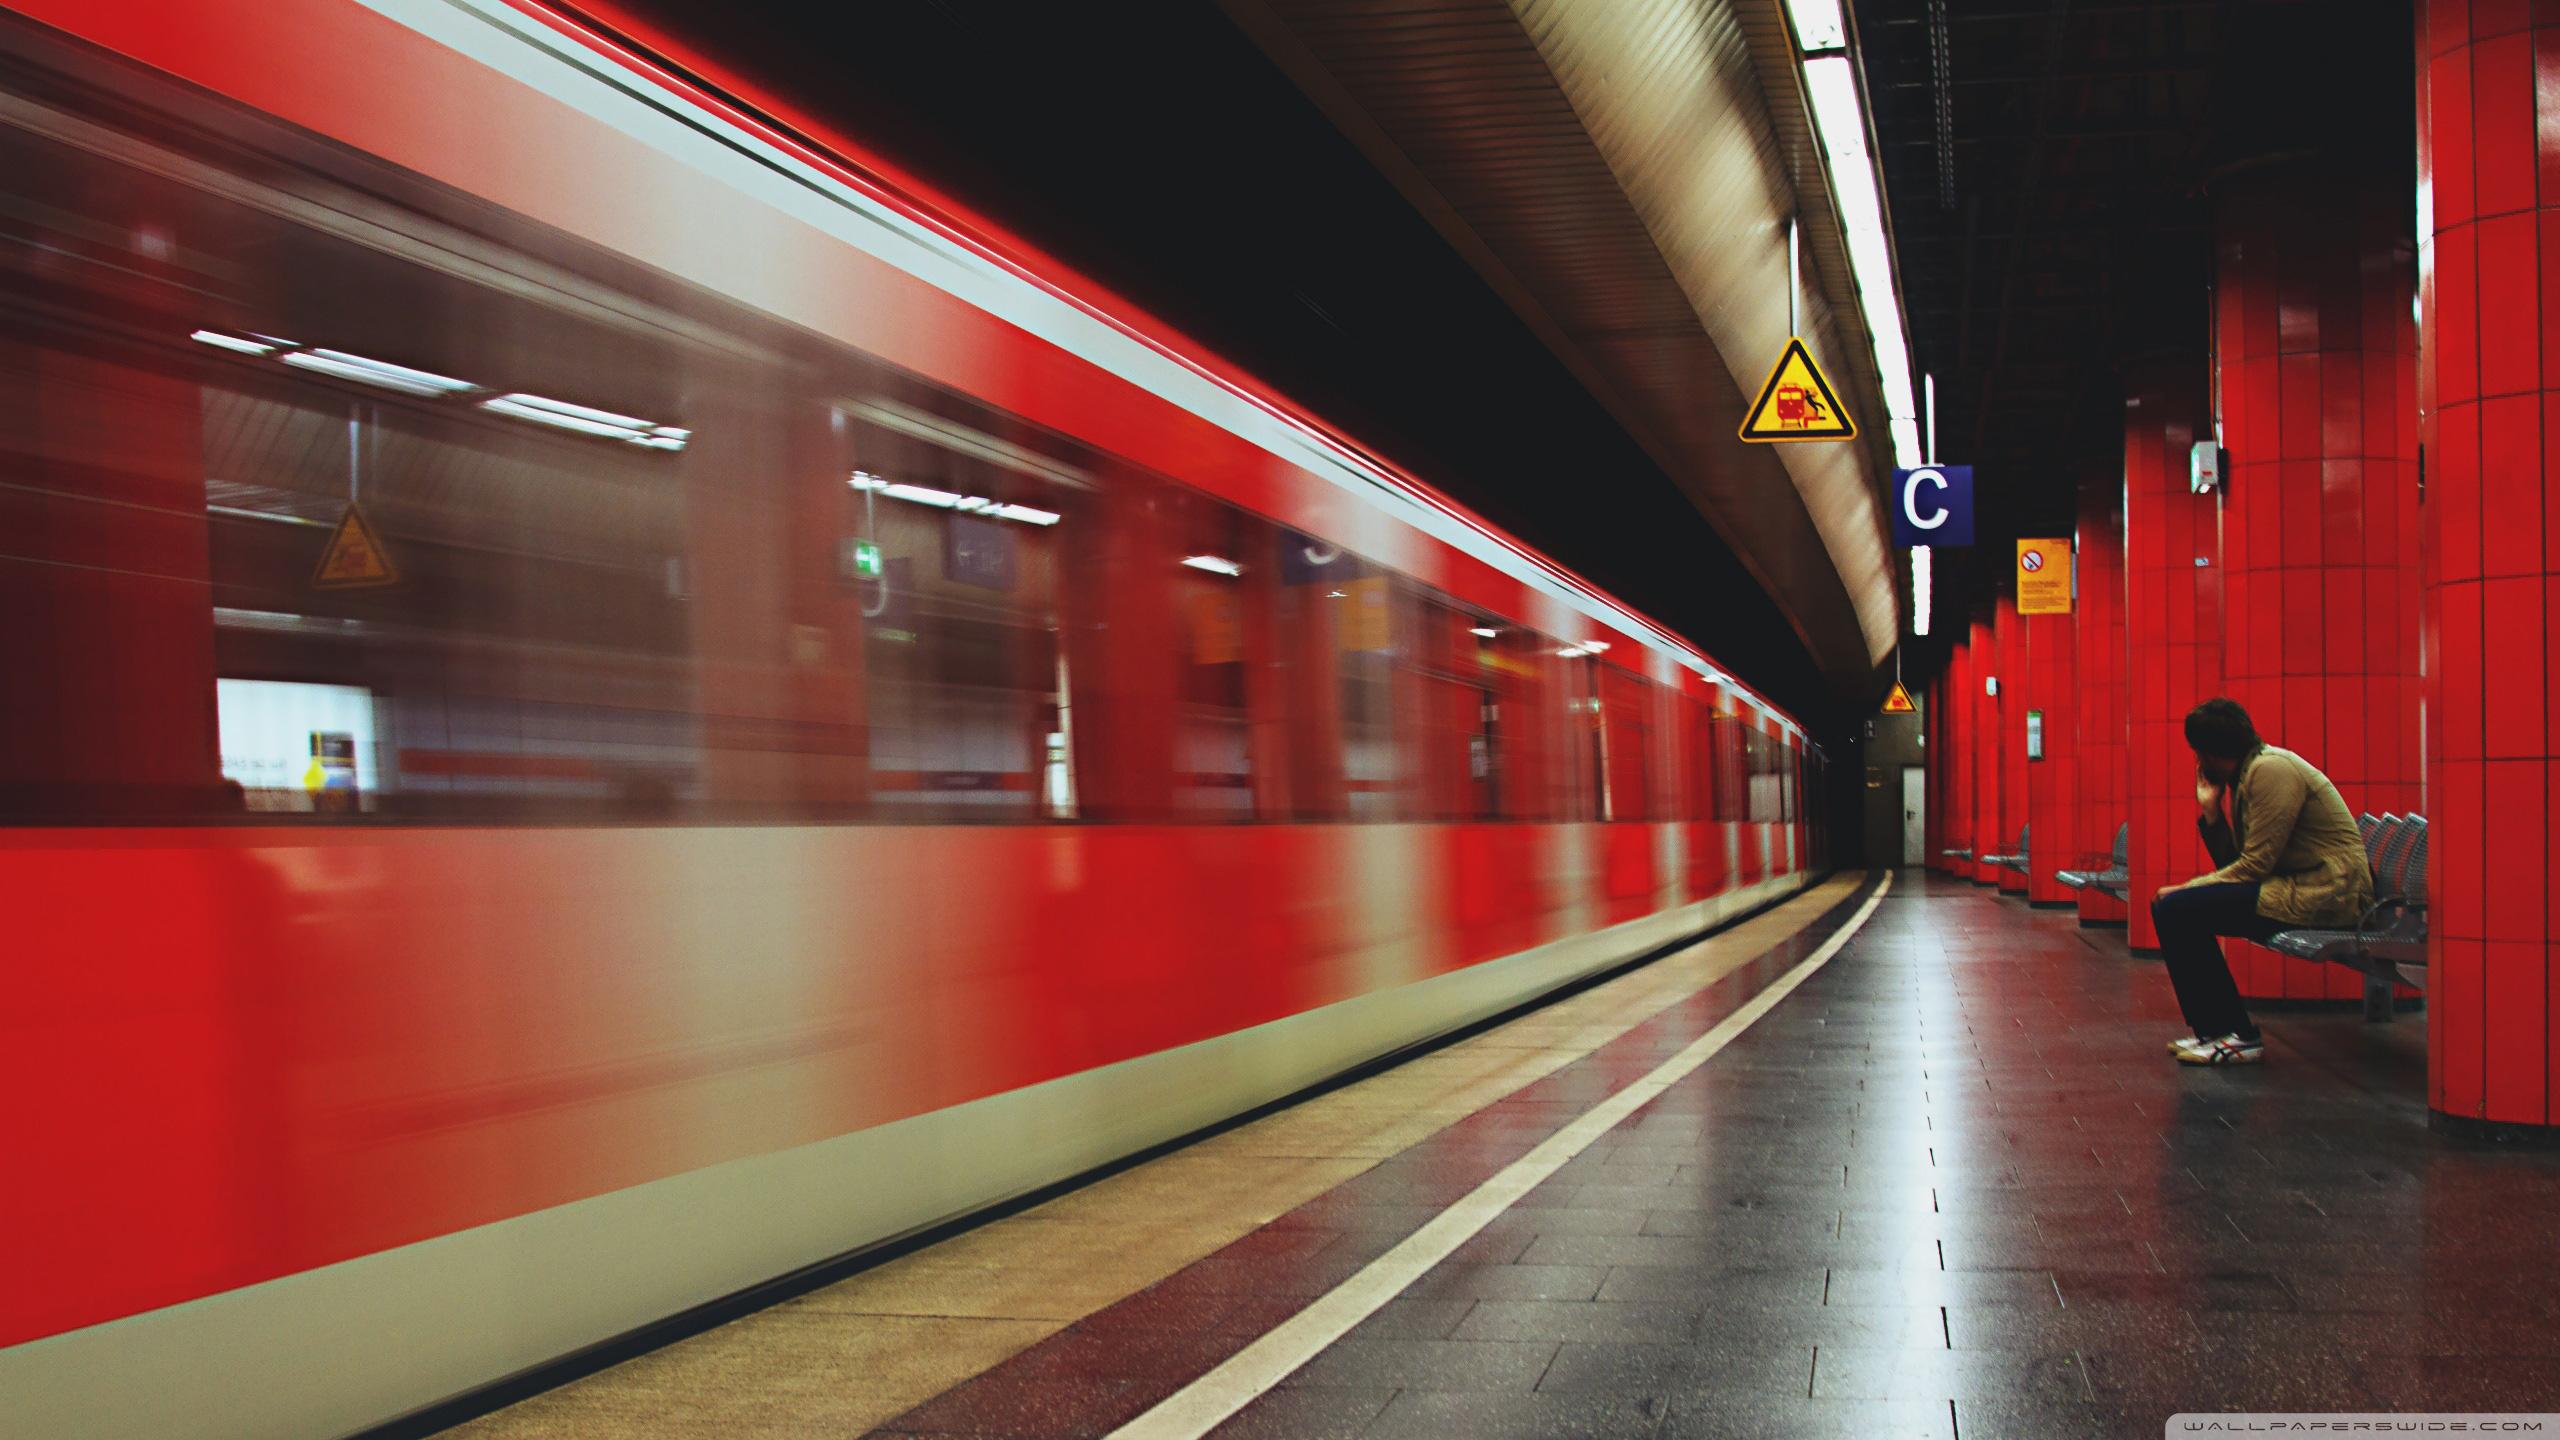 subway_station-wallpaper-2560×1440